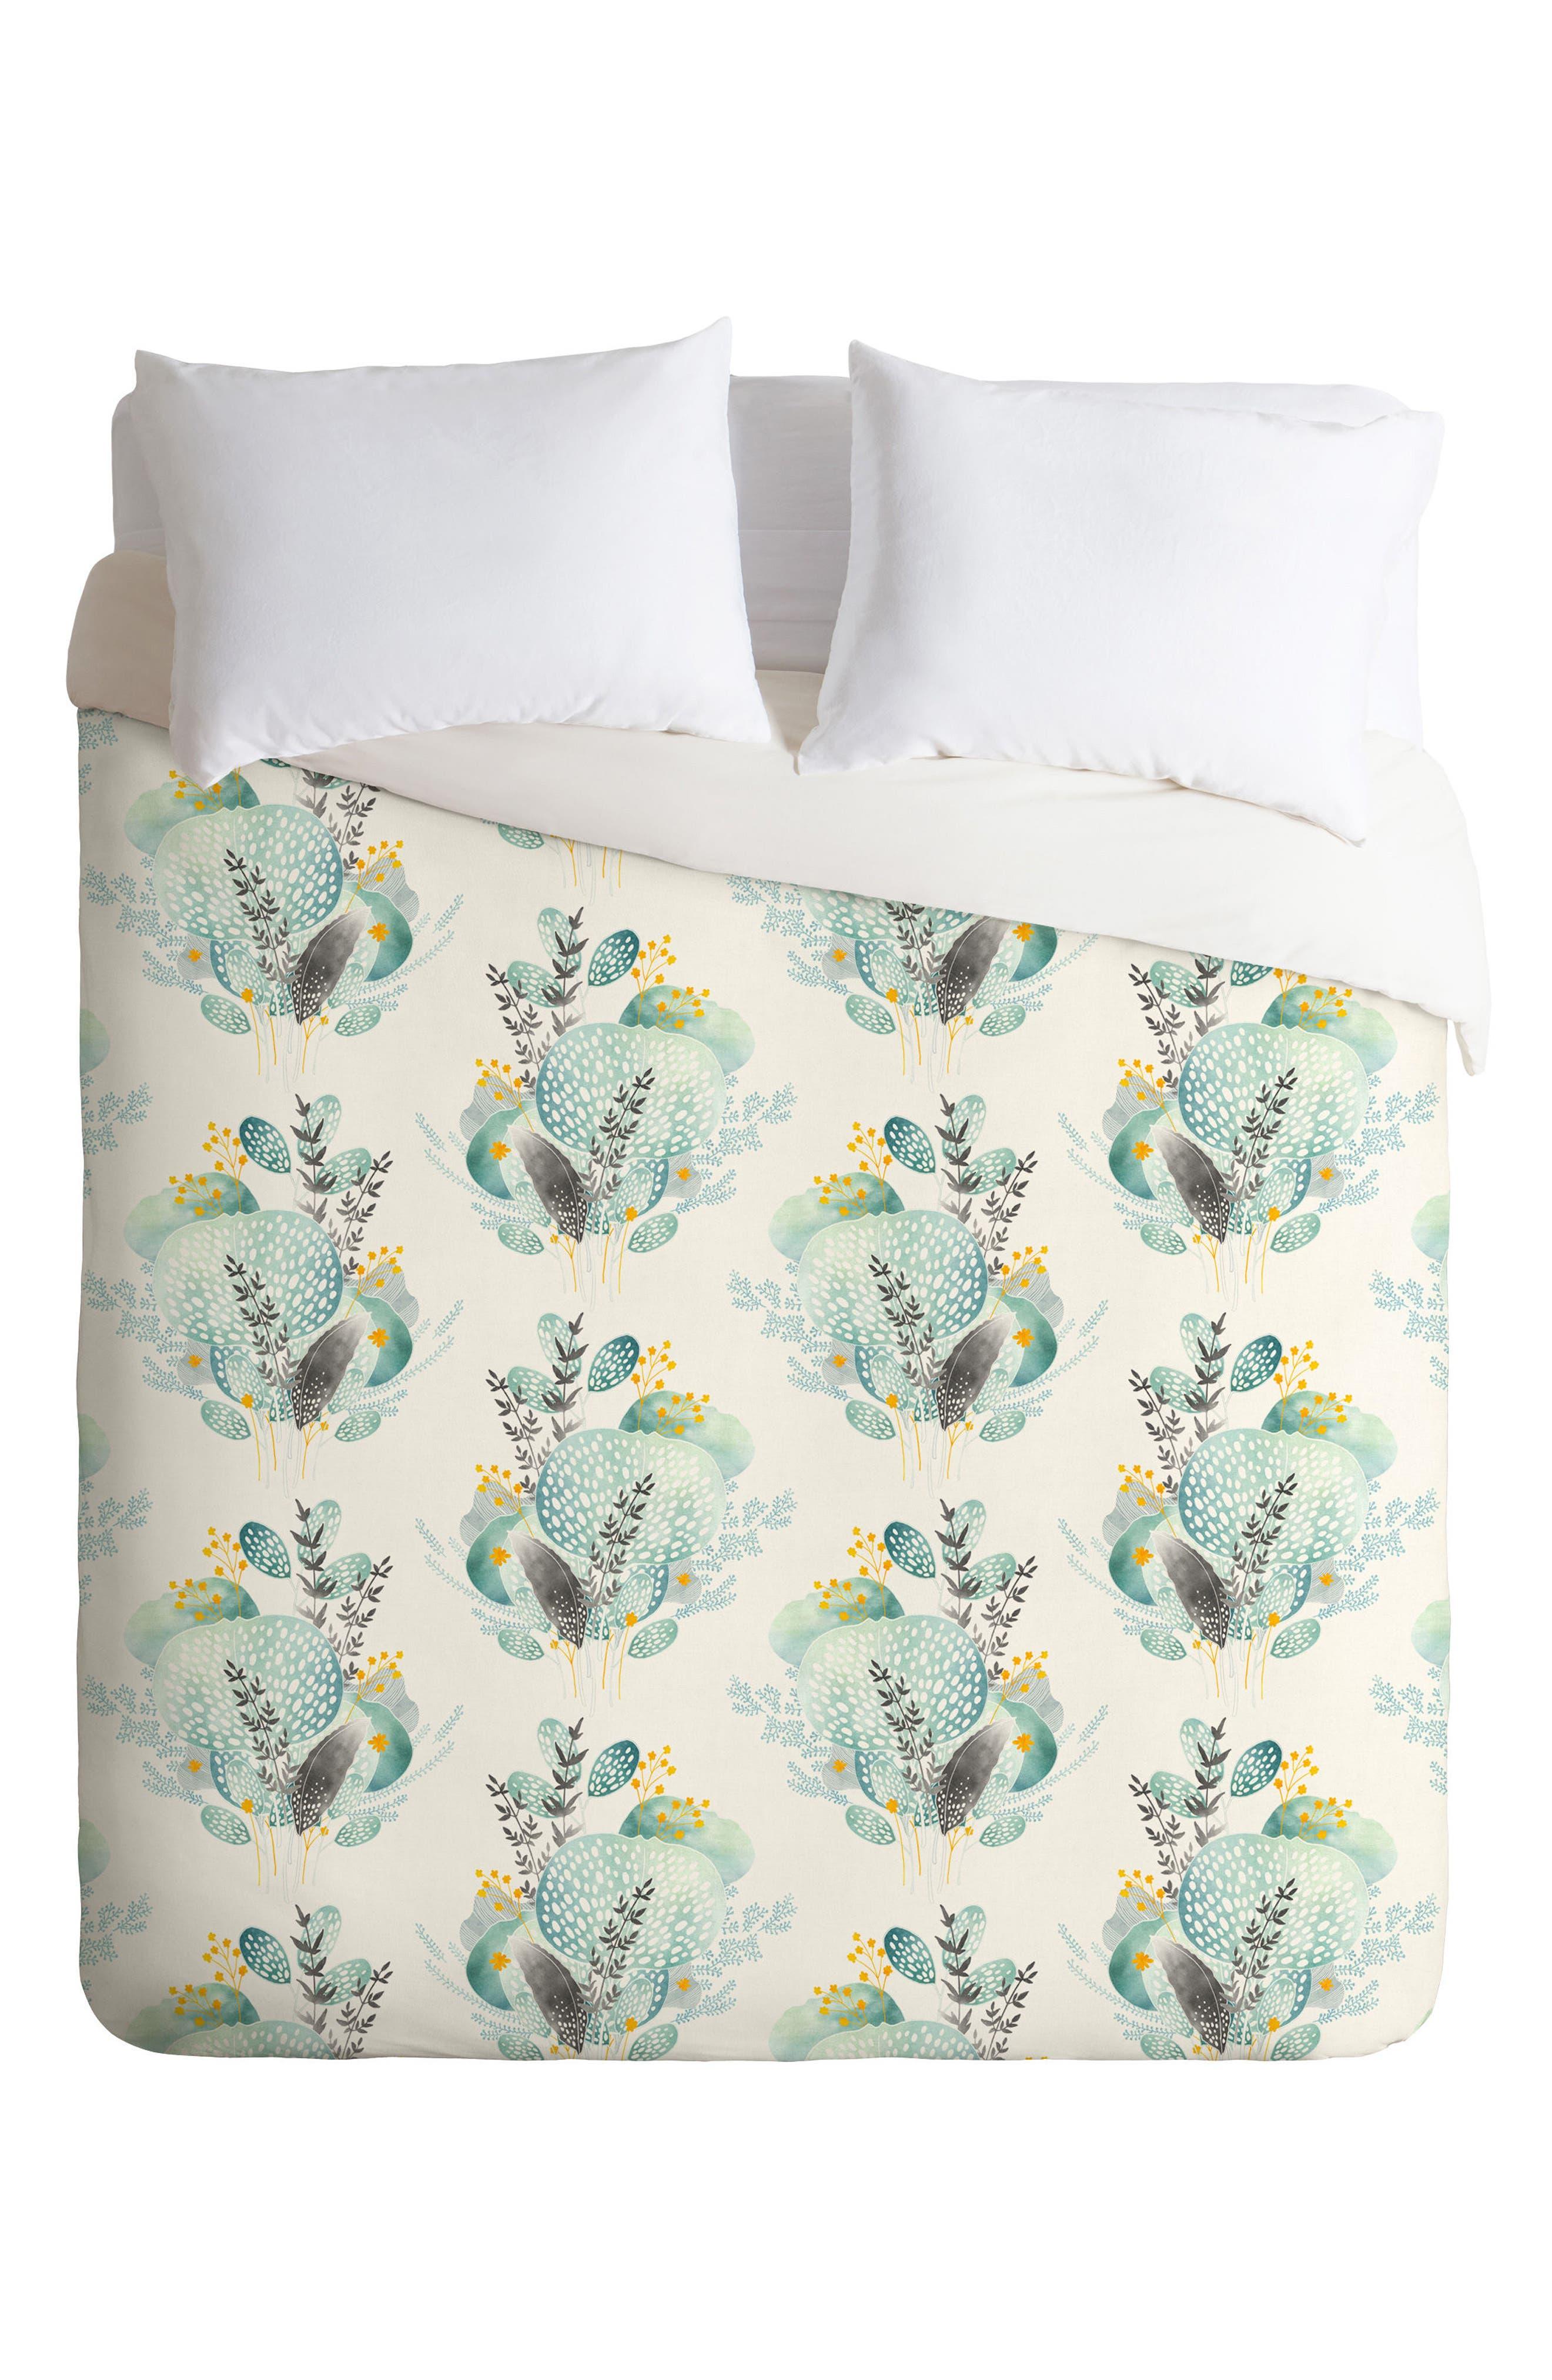 Seaflower Duvet Cover & Sham Set,                         Main,                         color, 300